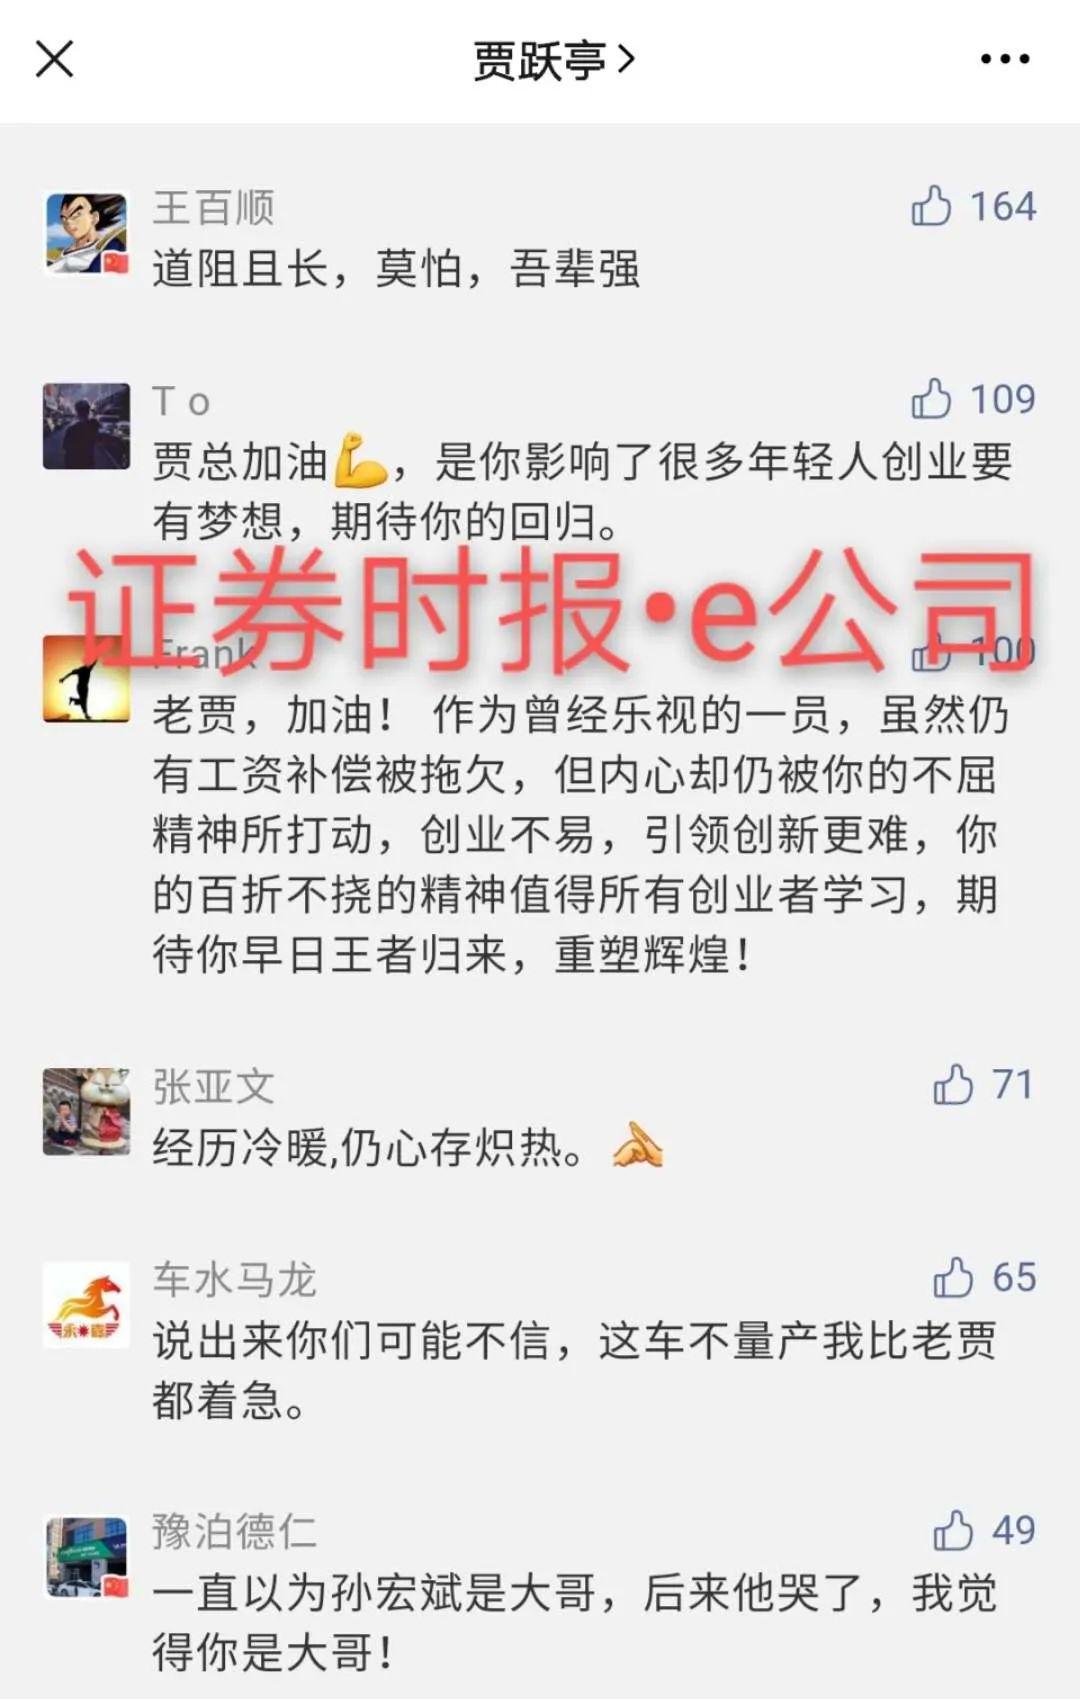 贾跃亭发公开信:不当逃兵、补偿乐视股民 近亿资金杀入乐视